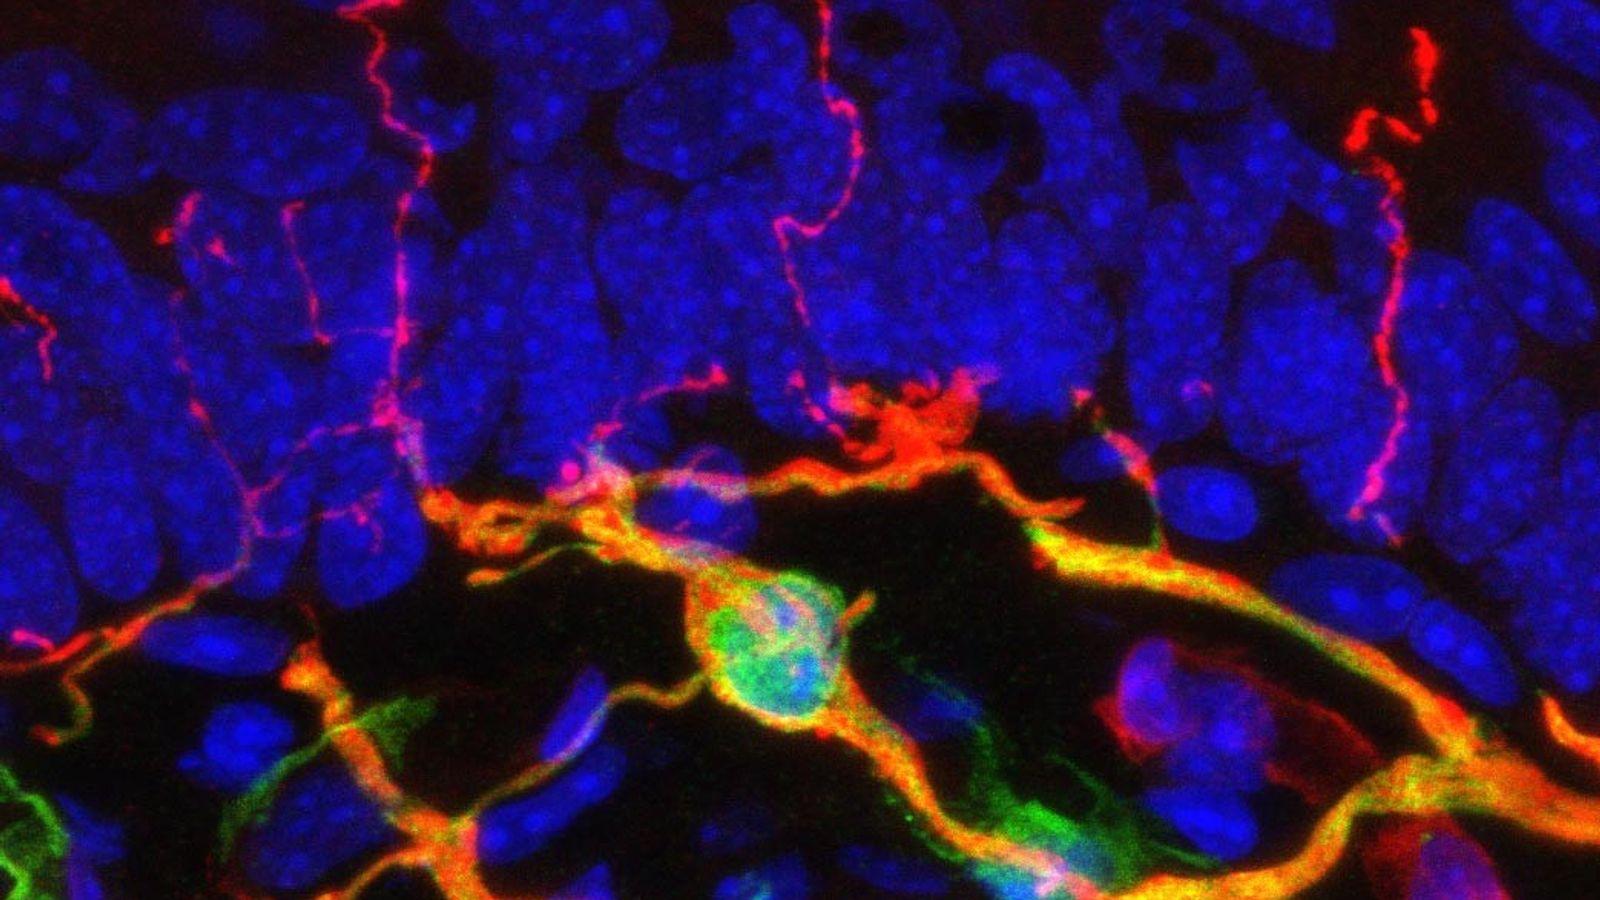 Uma imagem de microscópio mostra a estrutura de um órgão recém-descoberto chamado complexo nociceptor glio-neural, destacado ...